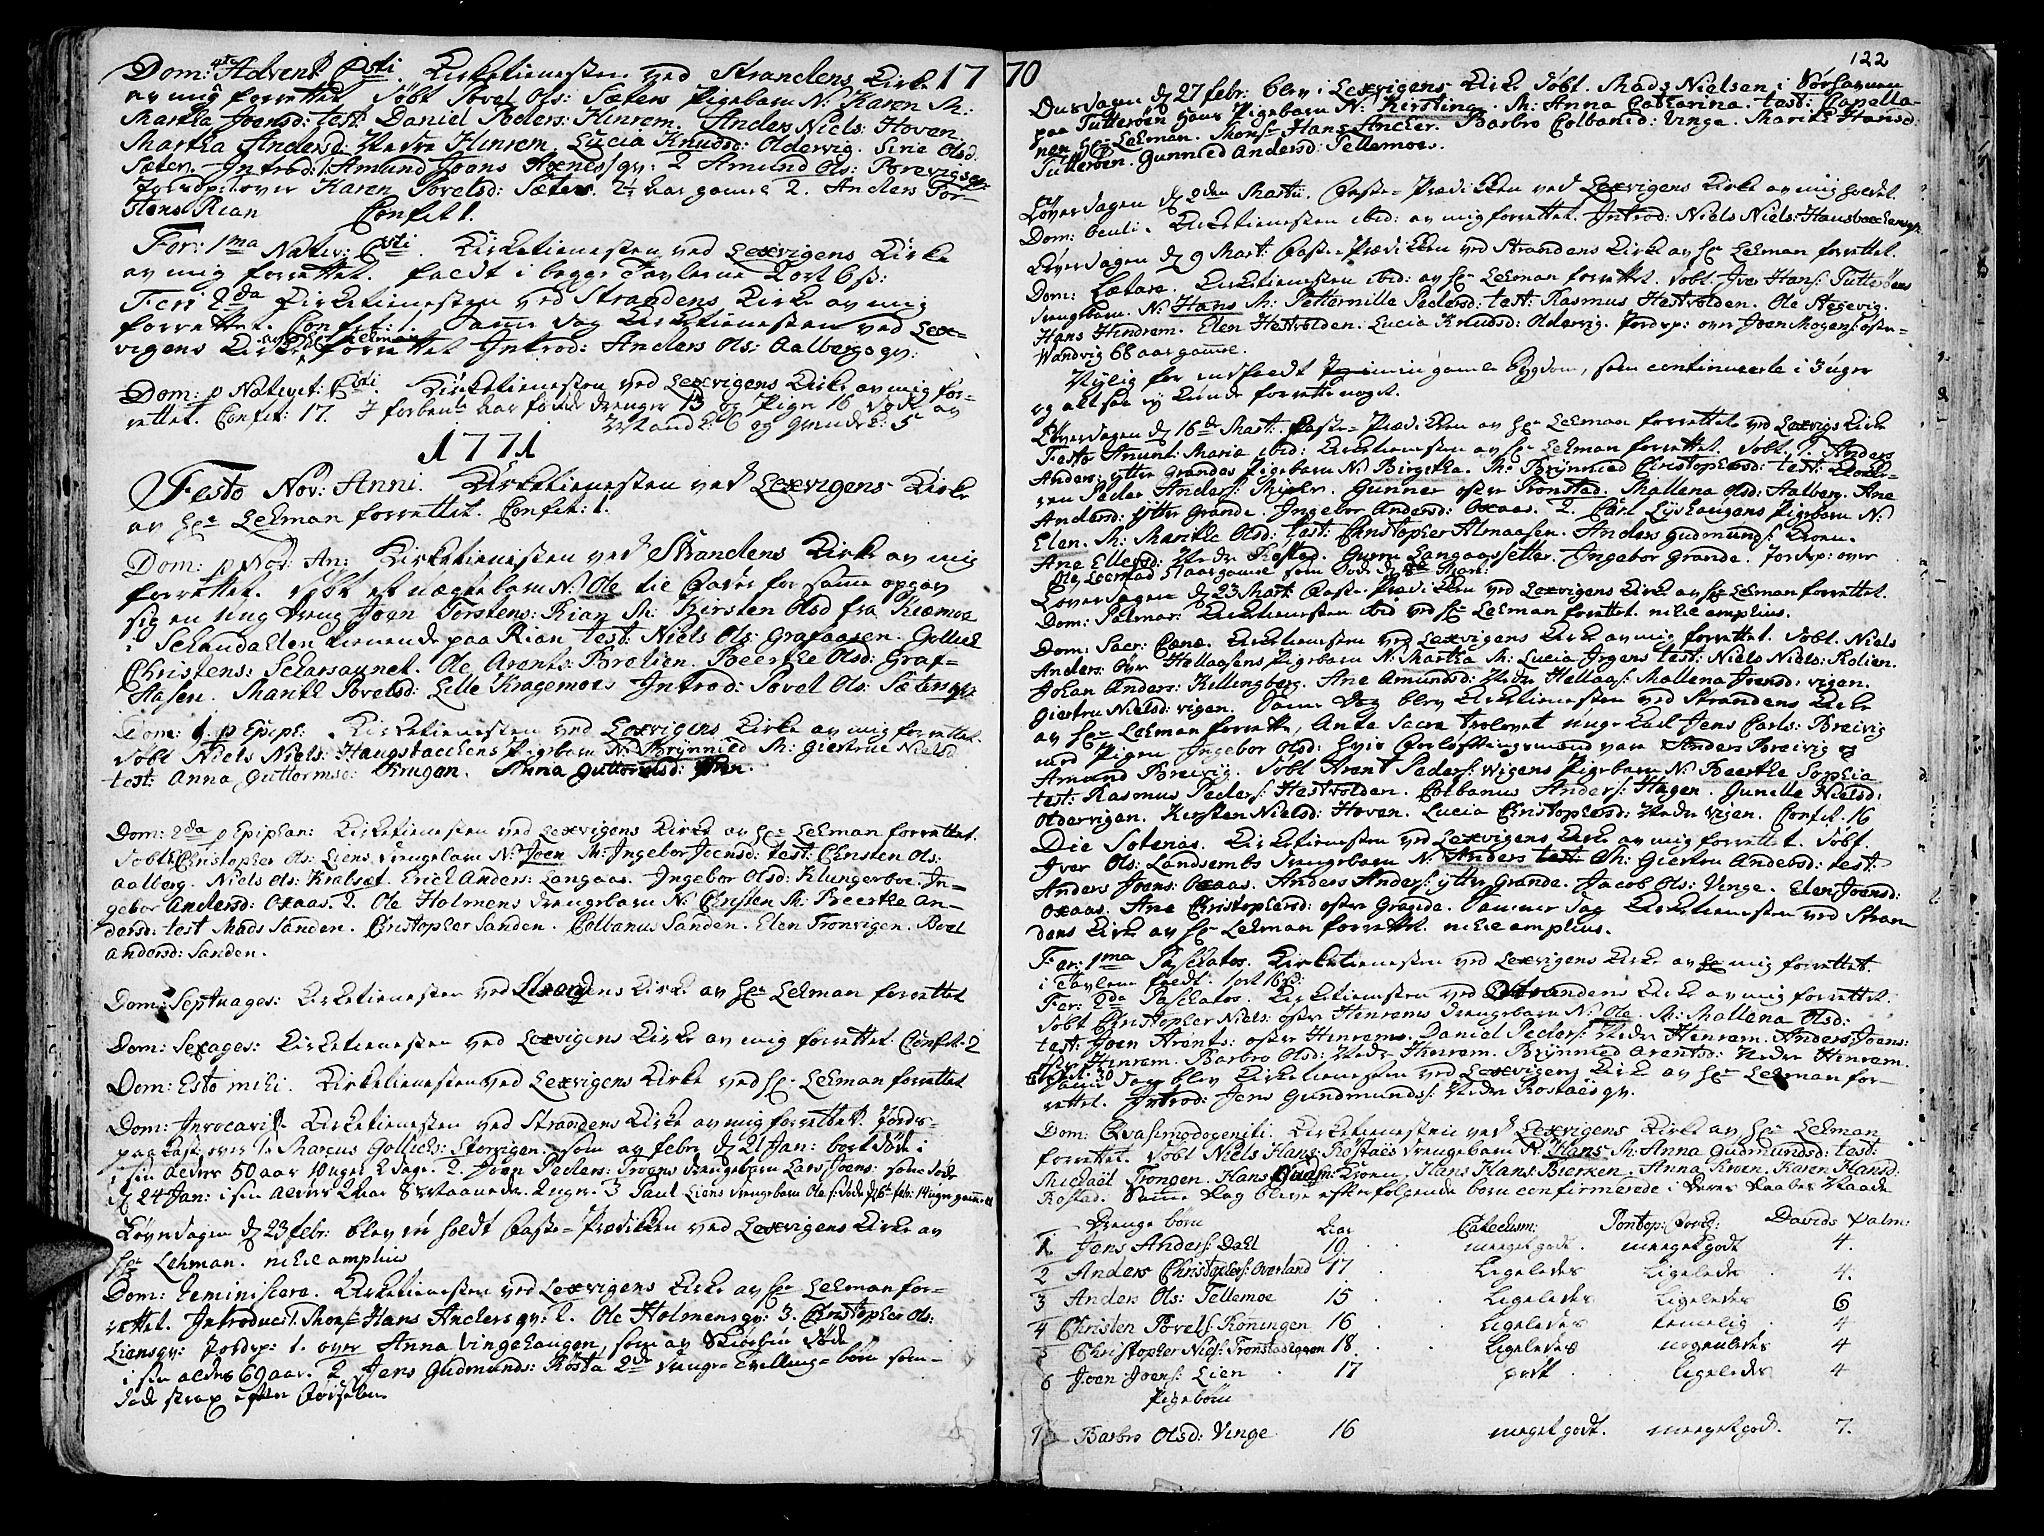 SAT, Ministerialprotokoller, klokkerbøker og fødselsregistre - Nord-Trøndelag, 701/L0003: Ministerialbok nr. 701A03, 1751-1783, s. 122